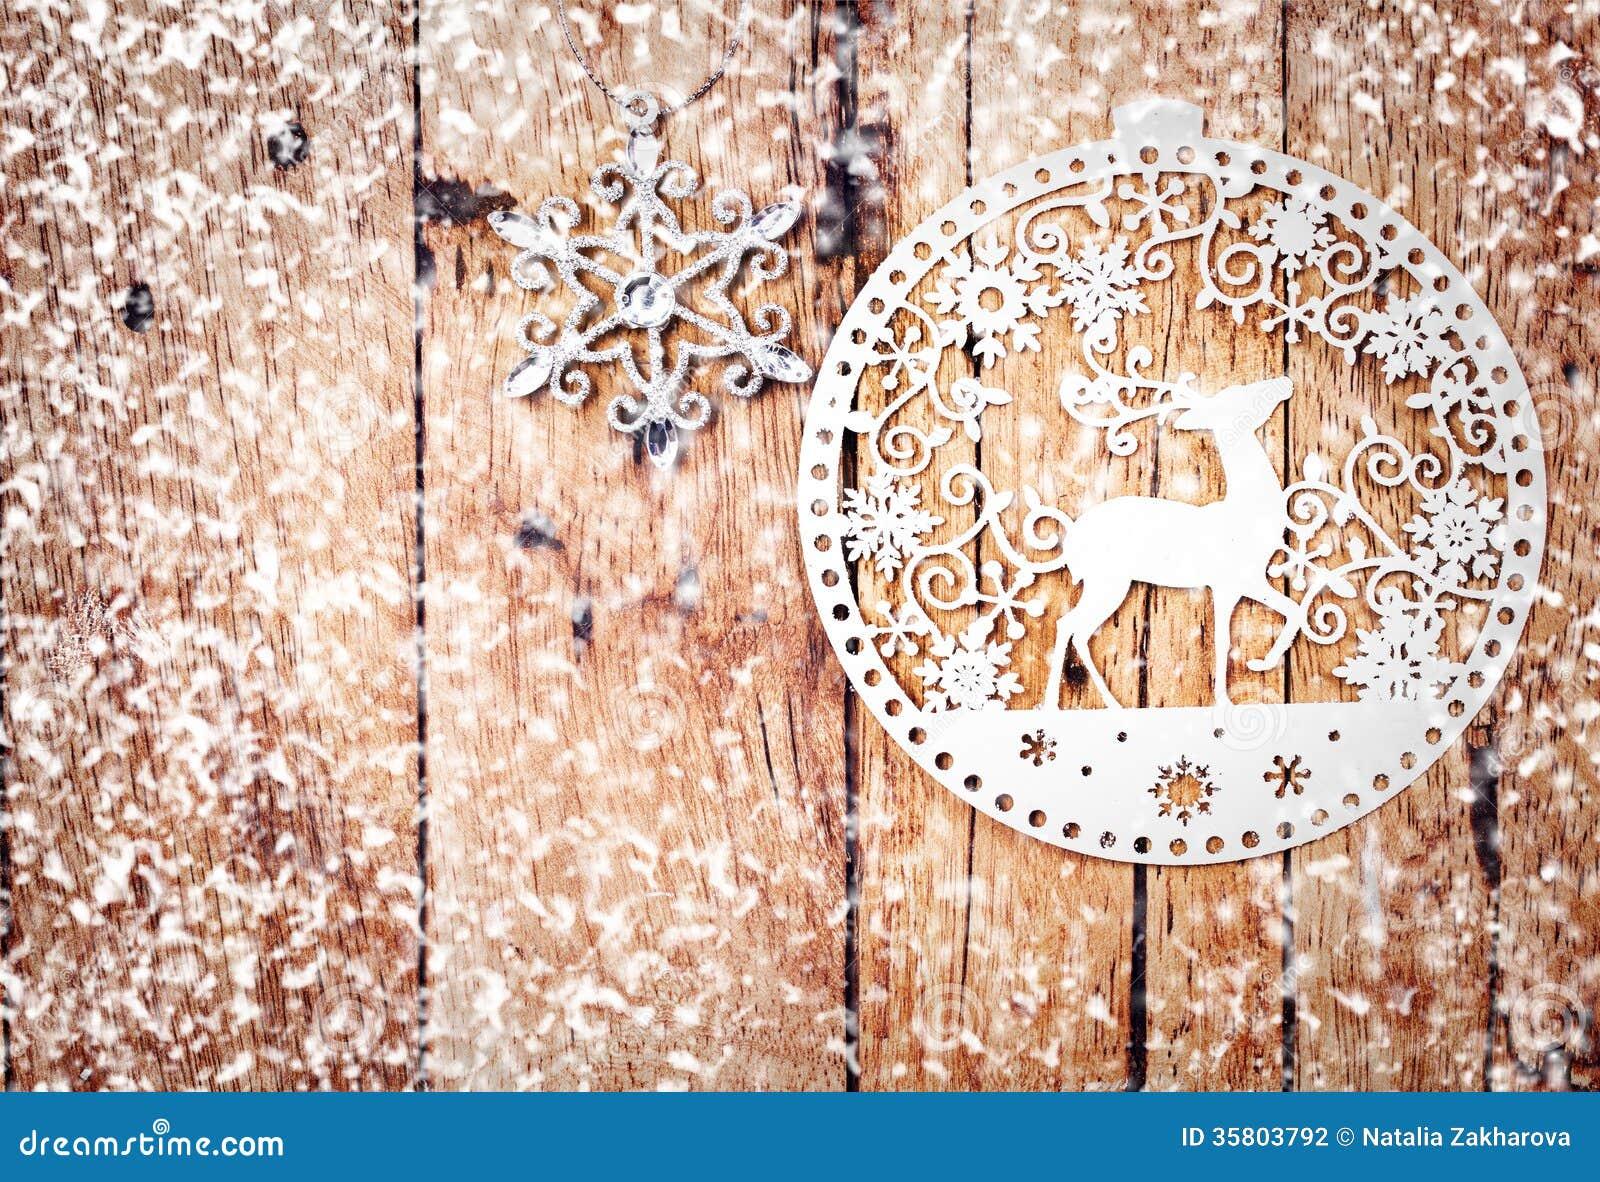 #82A328 Ornements De Noël Blanc Sur Le Conseil En Bois Rustique  6029 decoration de noel rustique 1300x978 px @ aertt.com